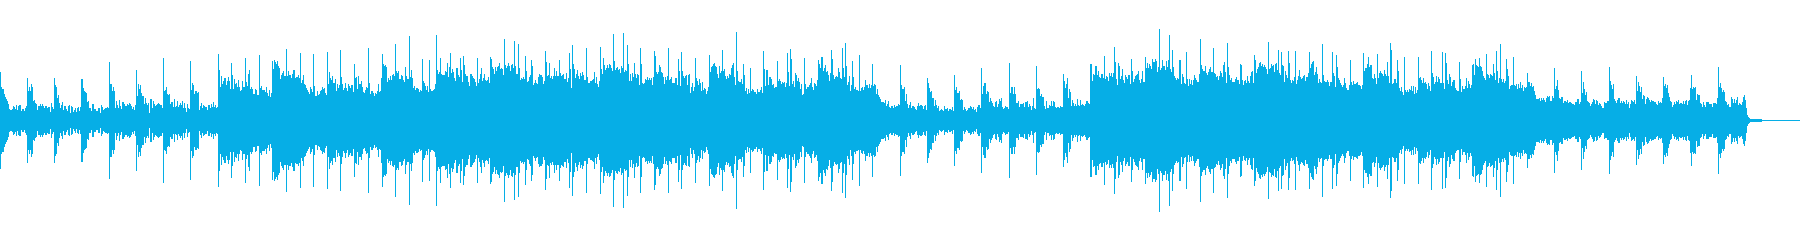 ほのぼの、かわいい、おやすみエレクトロの再生済みの波形